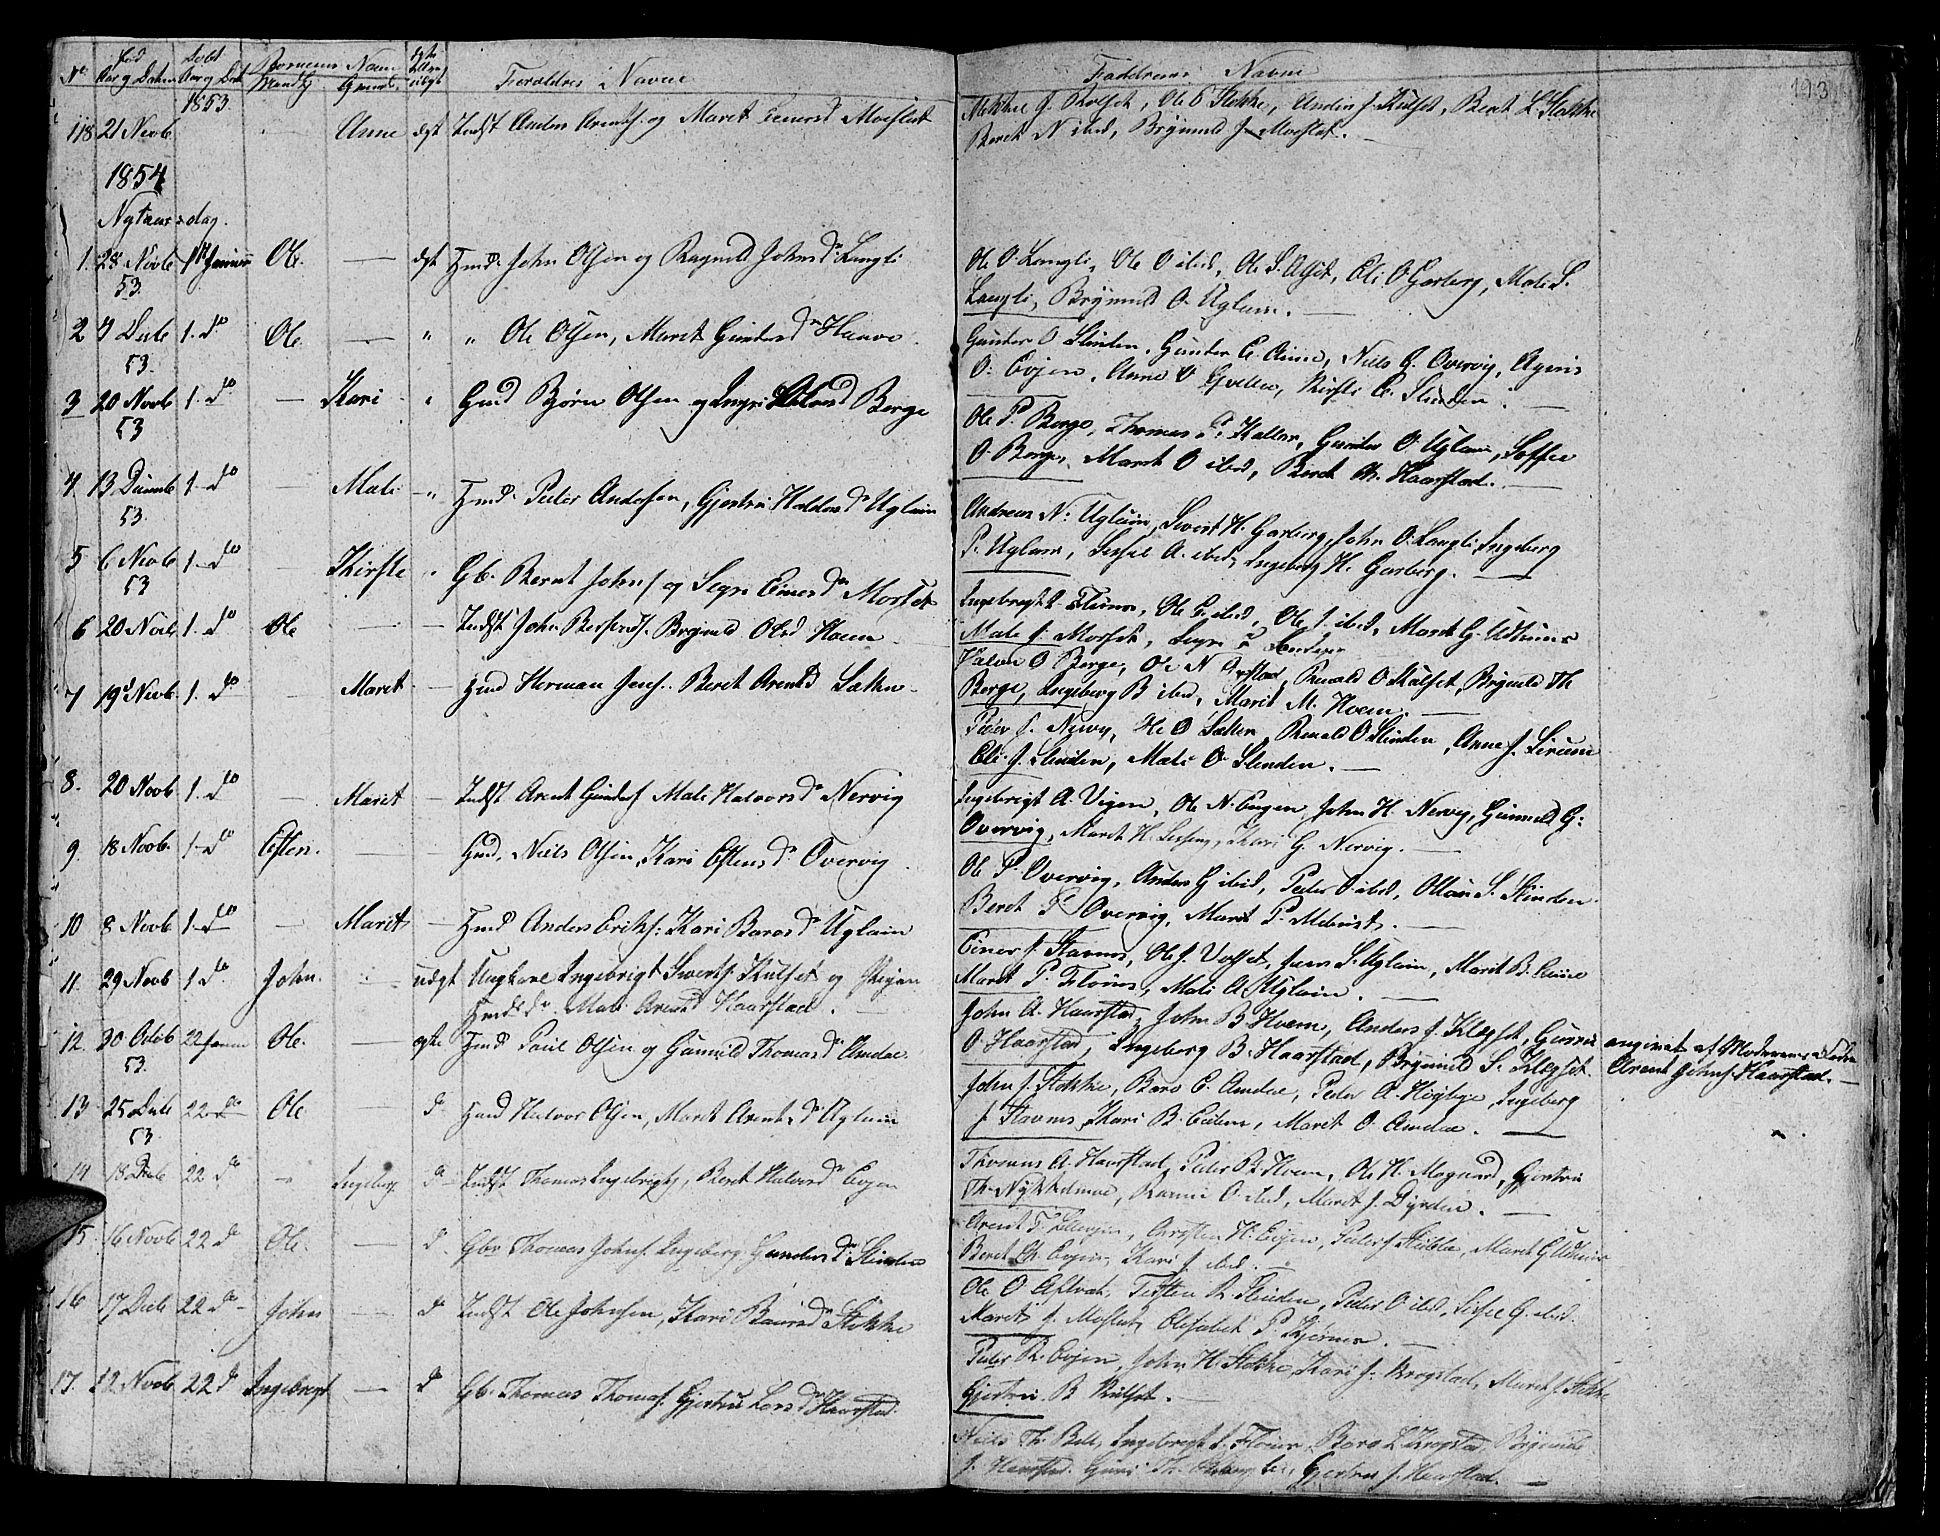 SAT, Ministerialprotokoller, klokkerbøker og fødselsregistre - Sør-Trøndelag, 695/L1154: Klokkerbok nr. 695C05, 1842-1858, s. 193